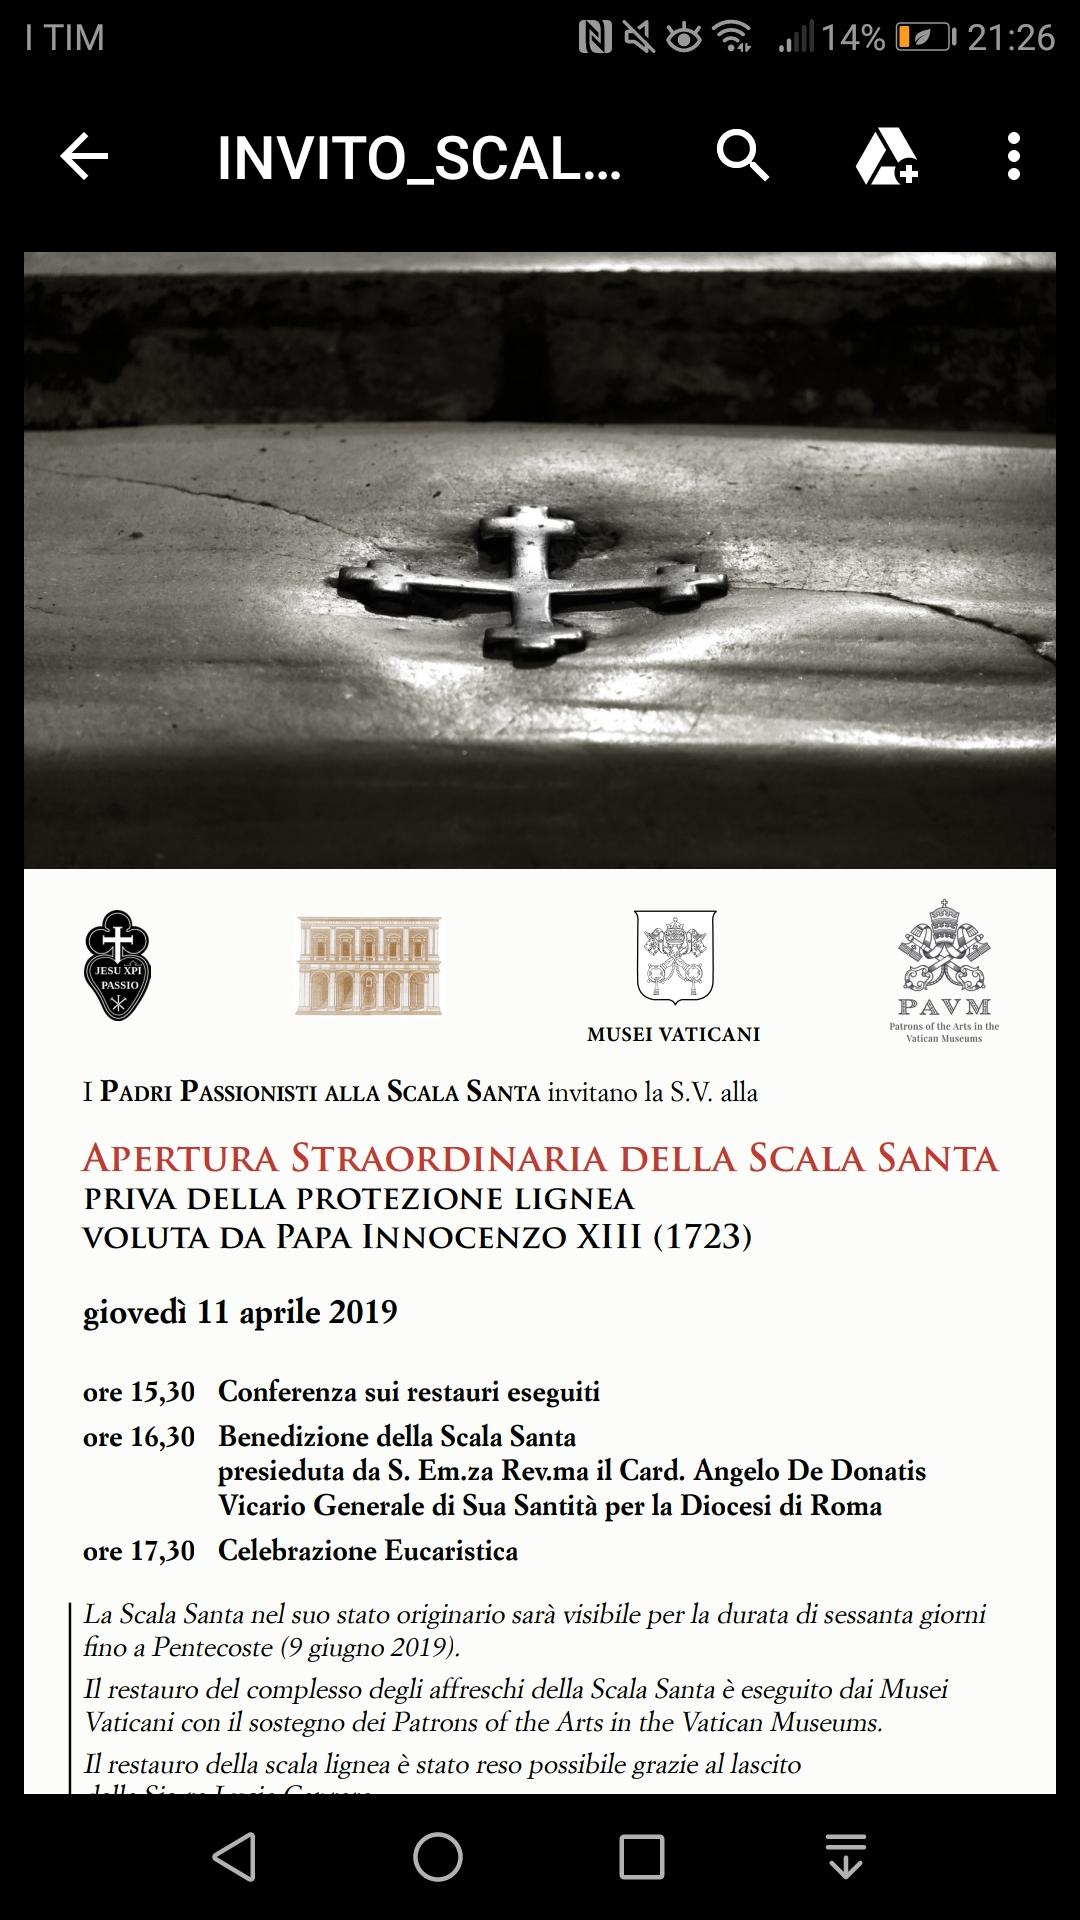 Invito alla Scala Santa